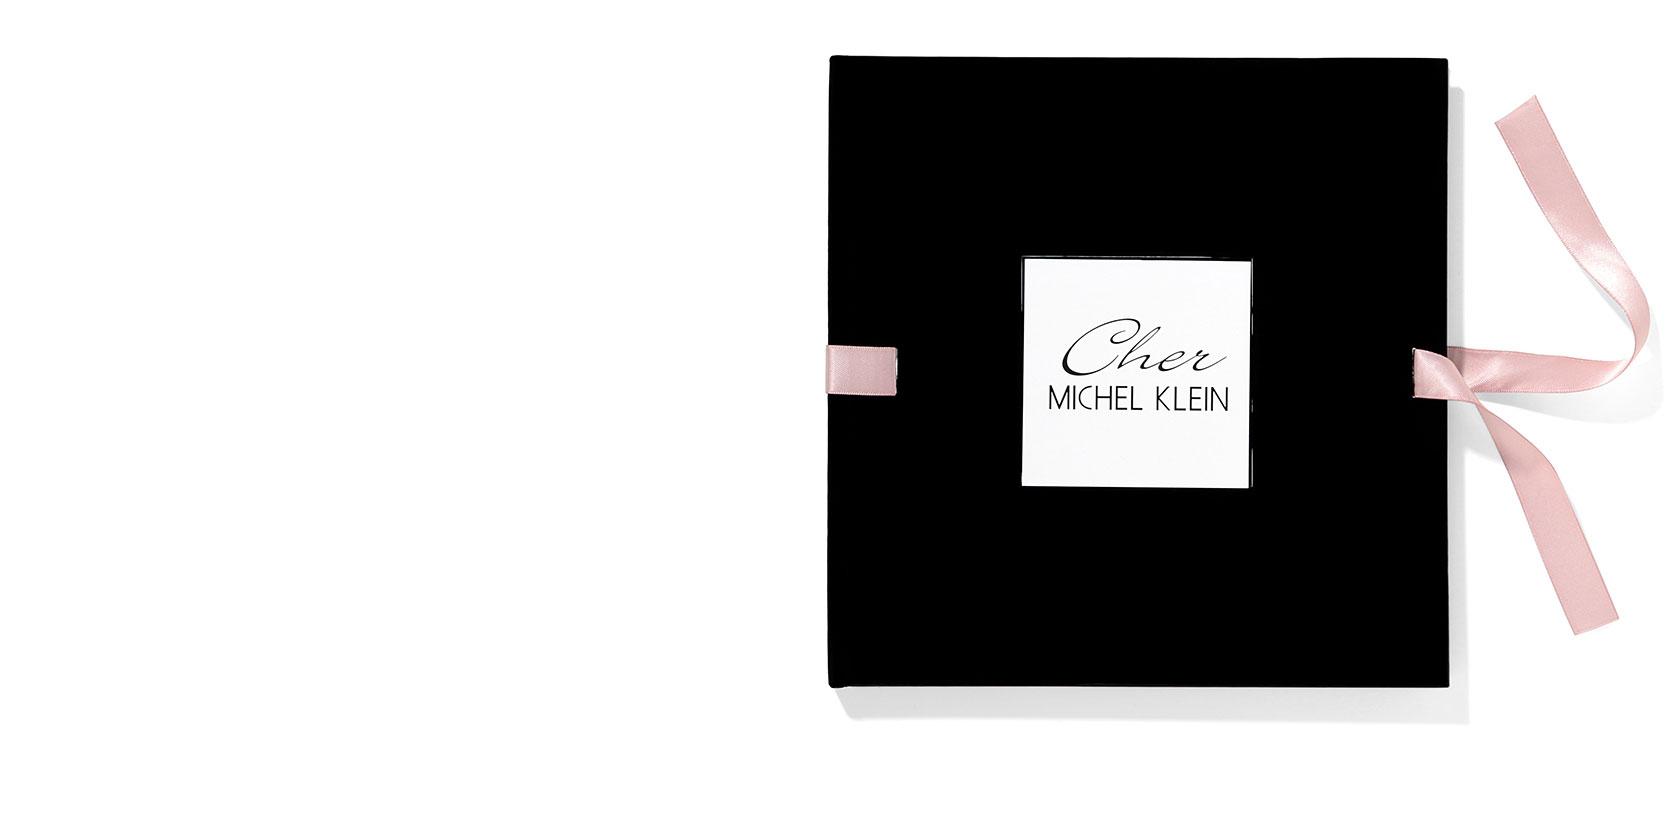 Michel-Klein-1-cadre-opti-eleve-copie